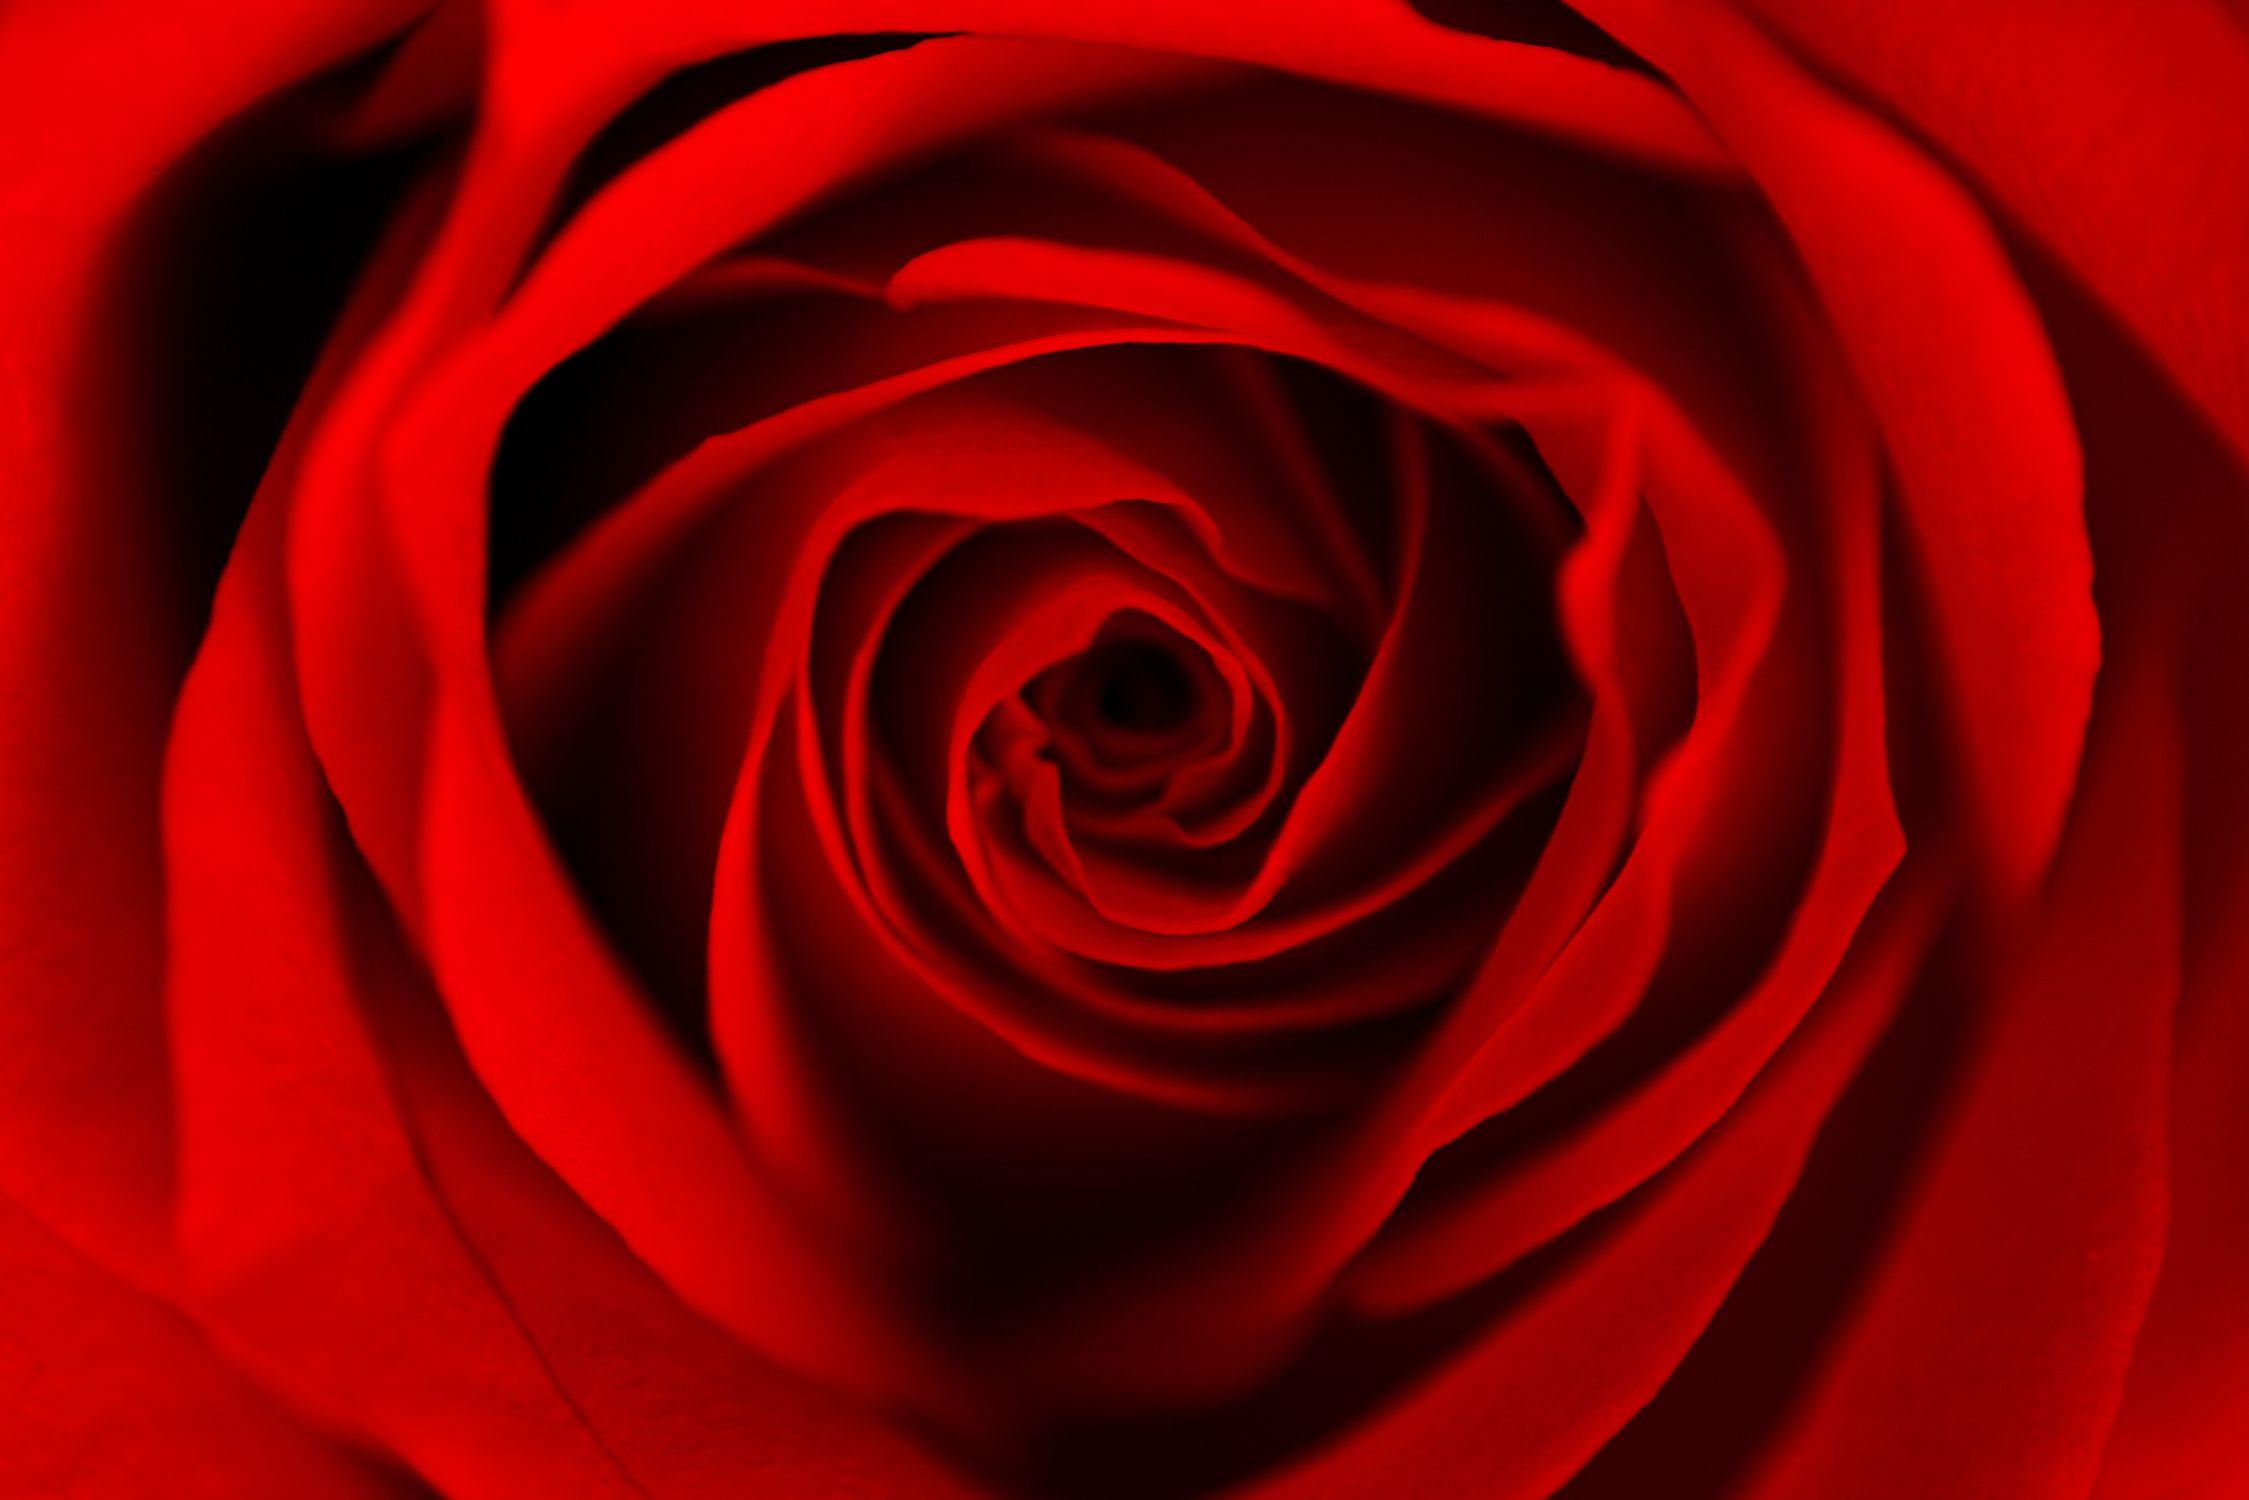 Bild mit Natur, Pflanzen, Blumen, Blumen, Rosen, Blume, Pflanze, Rose, Roses, Makro Rose, rote Rose, Rosenblüte, Flower, Flowers, Makrofotografie einer roten Rose